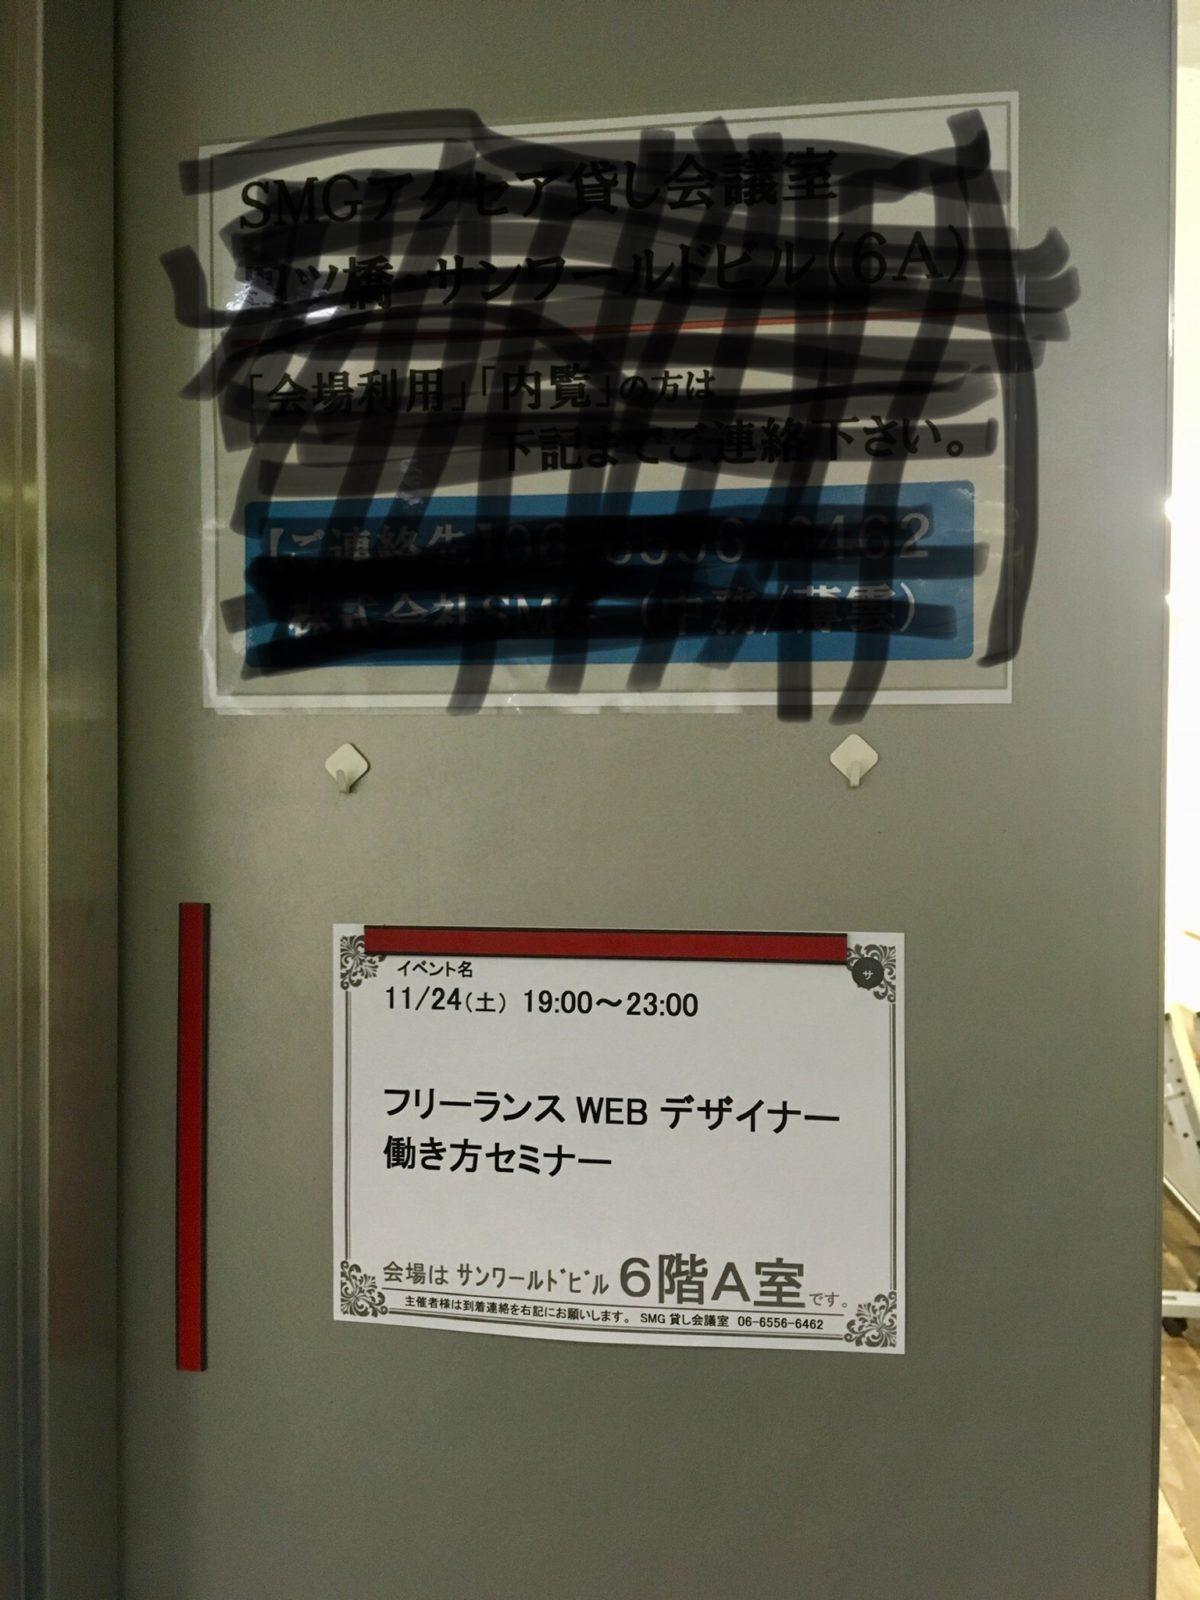 Web デザイナー説明会